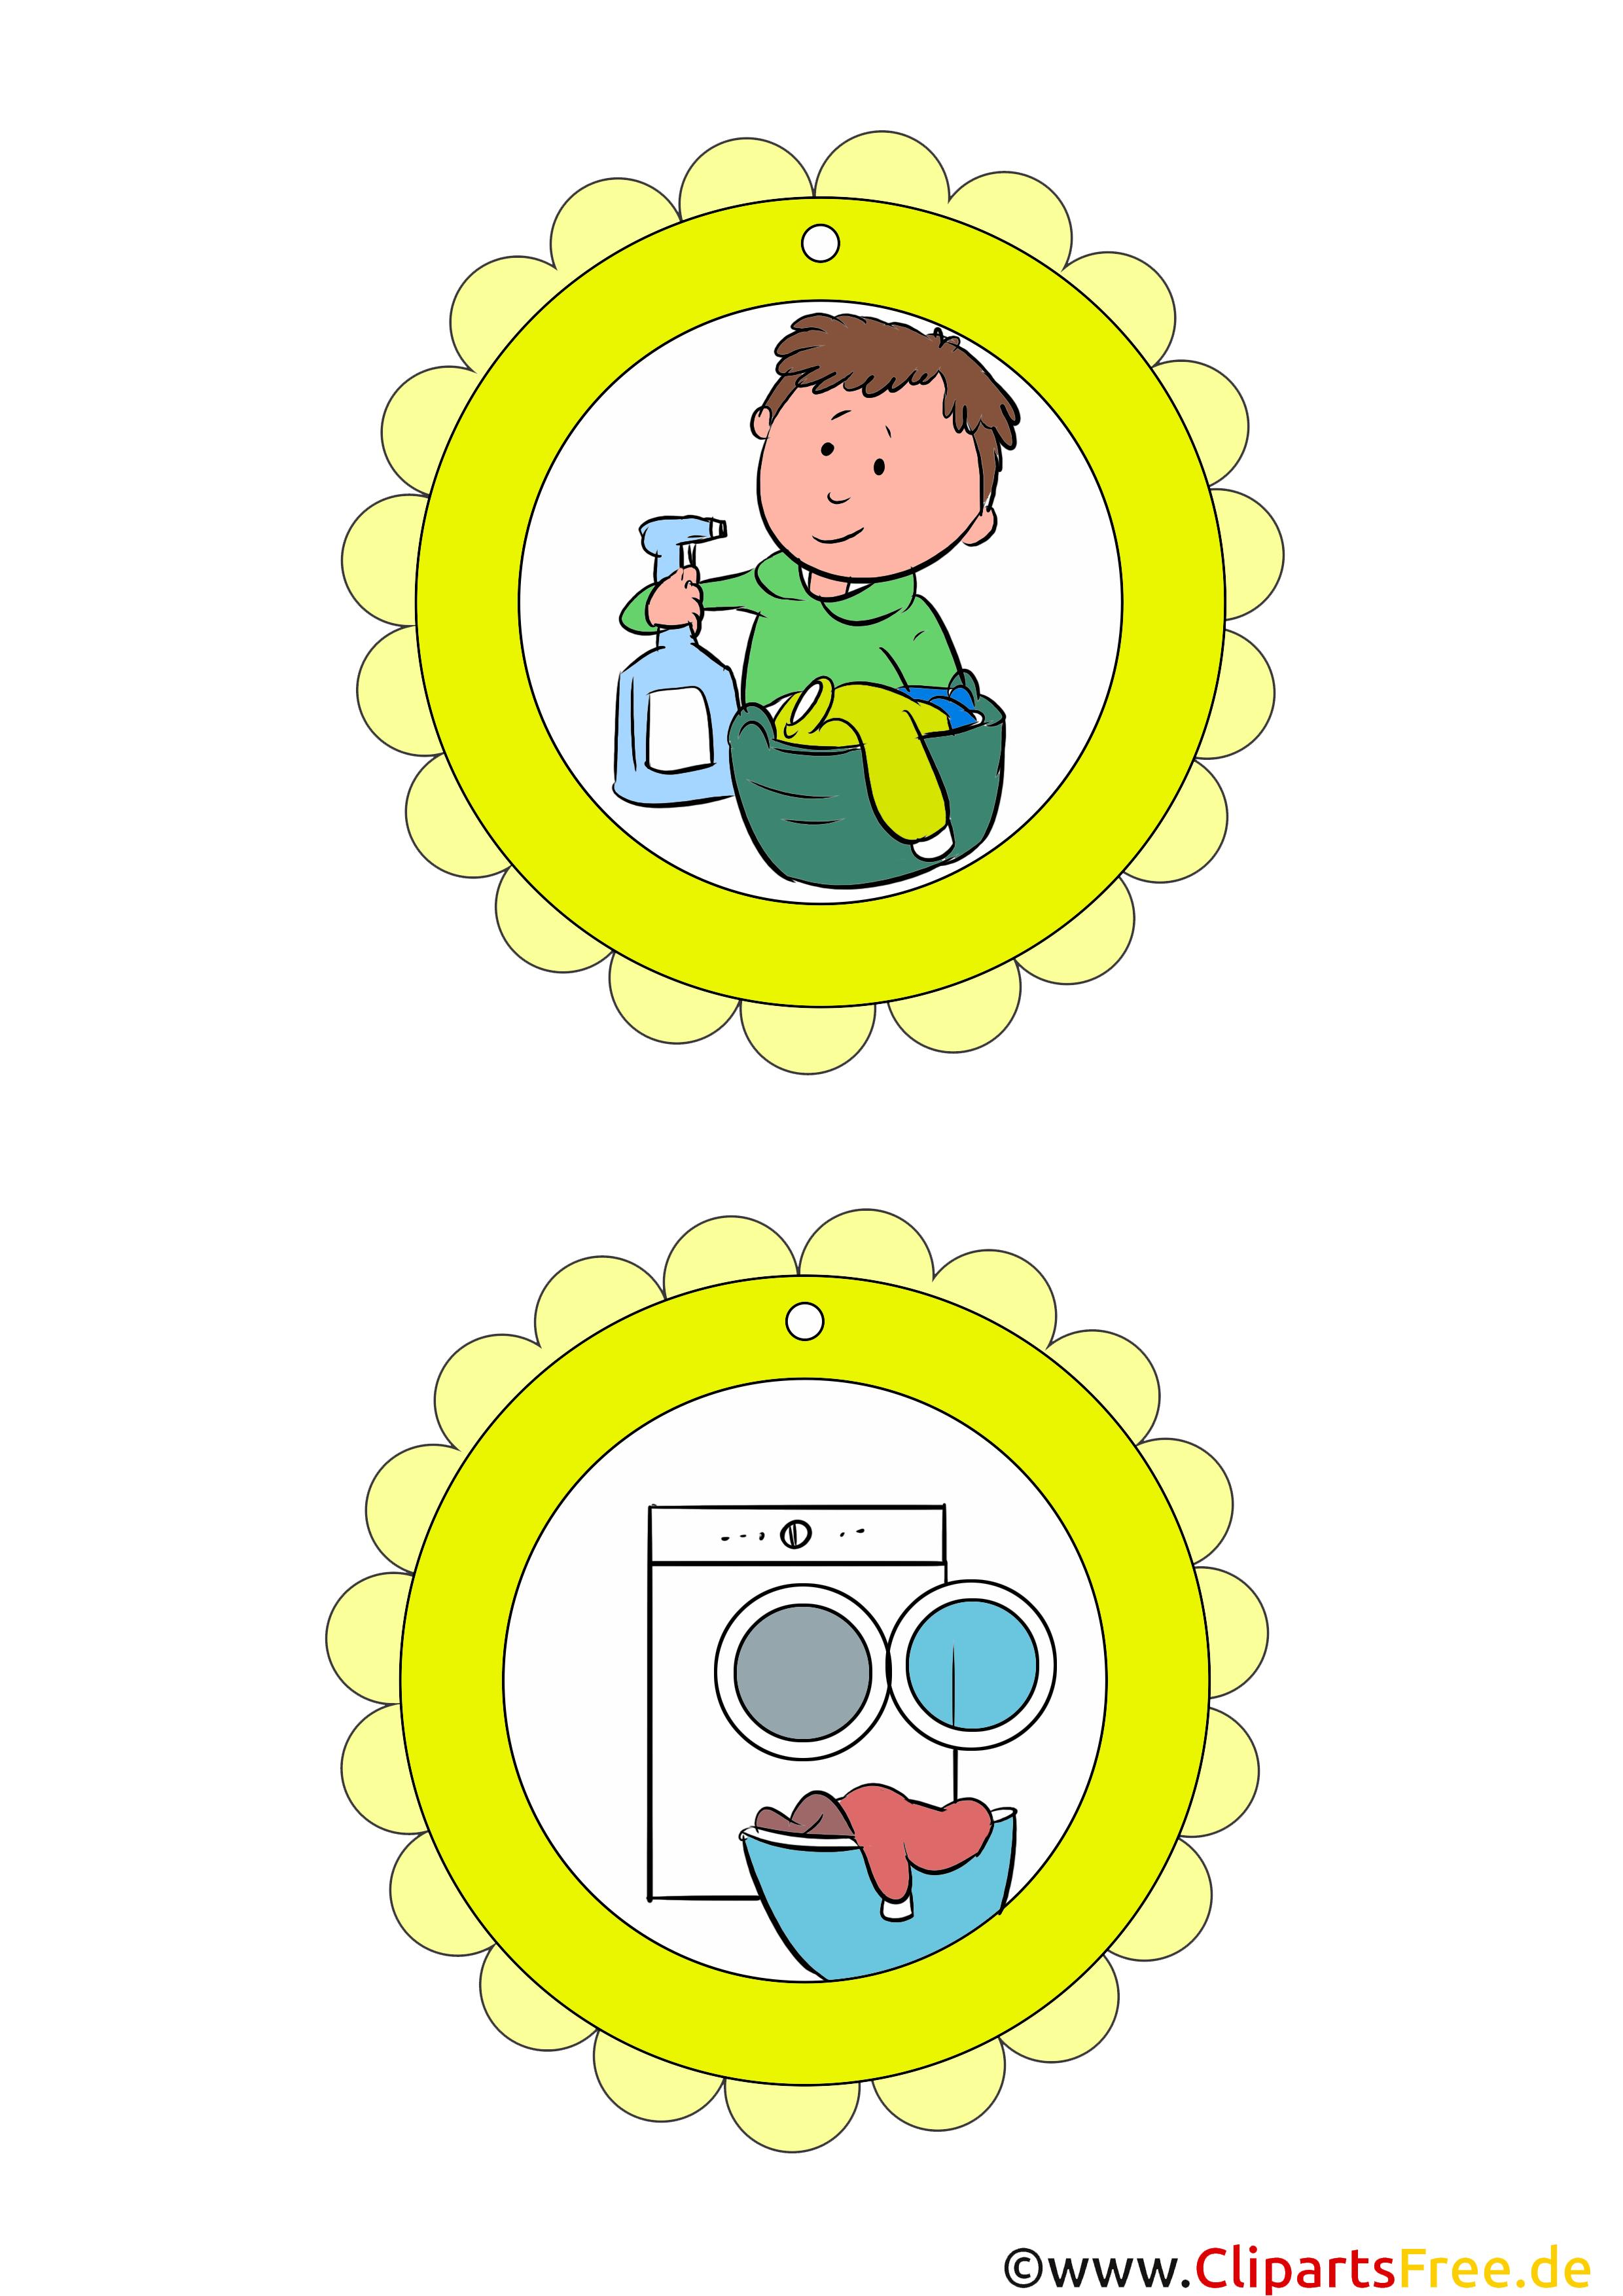 medaillen für kinder zum ausdrucken